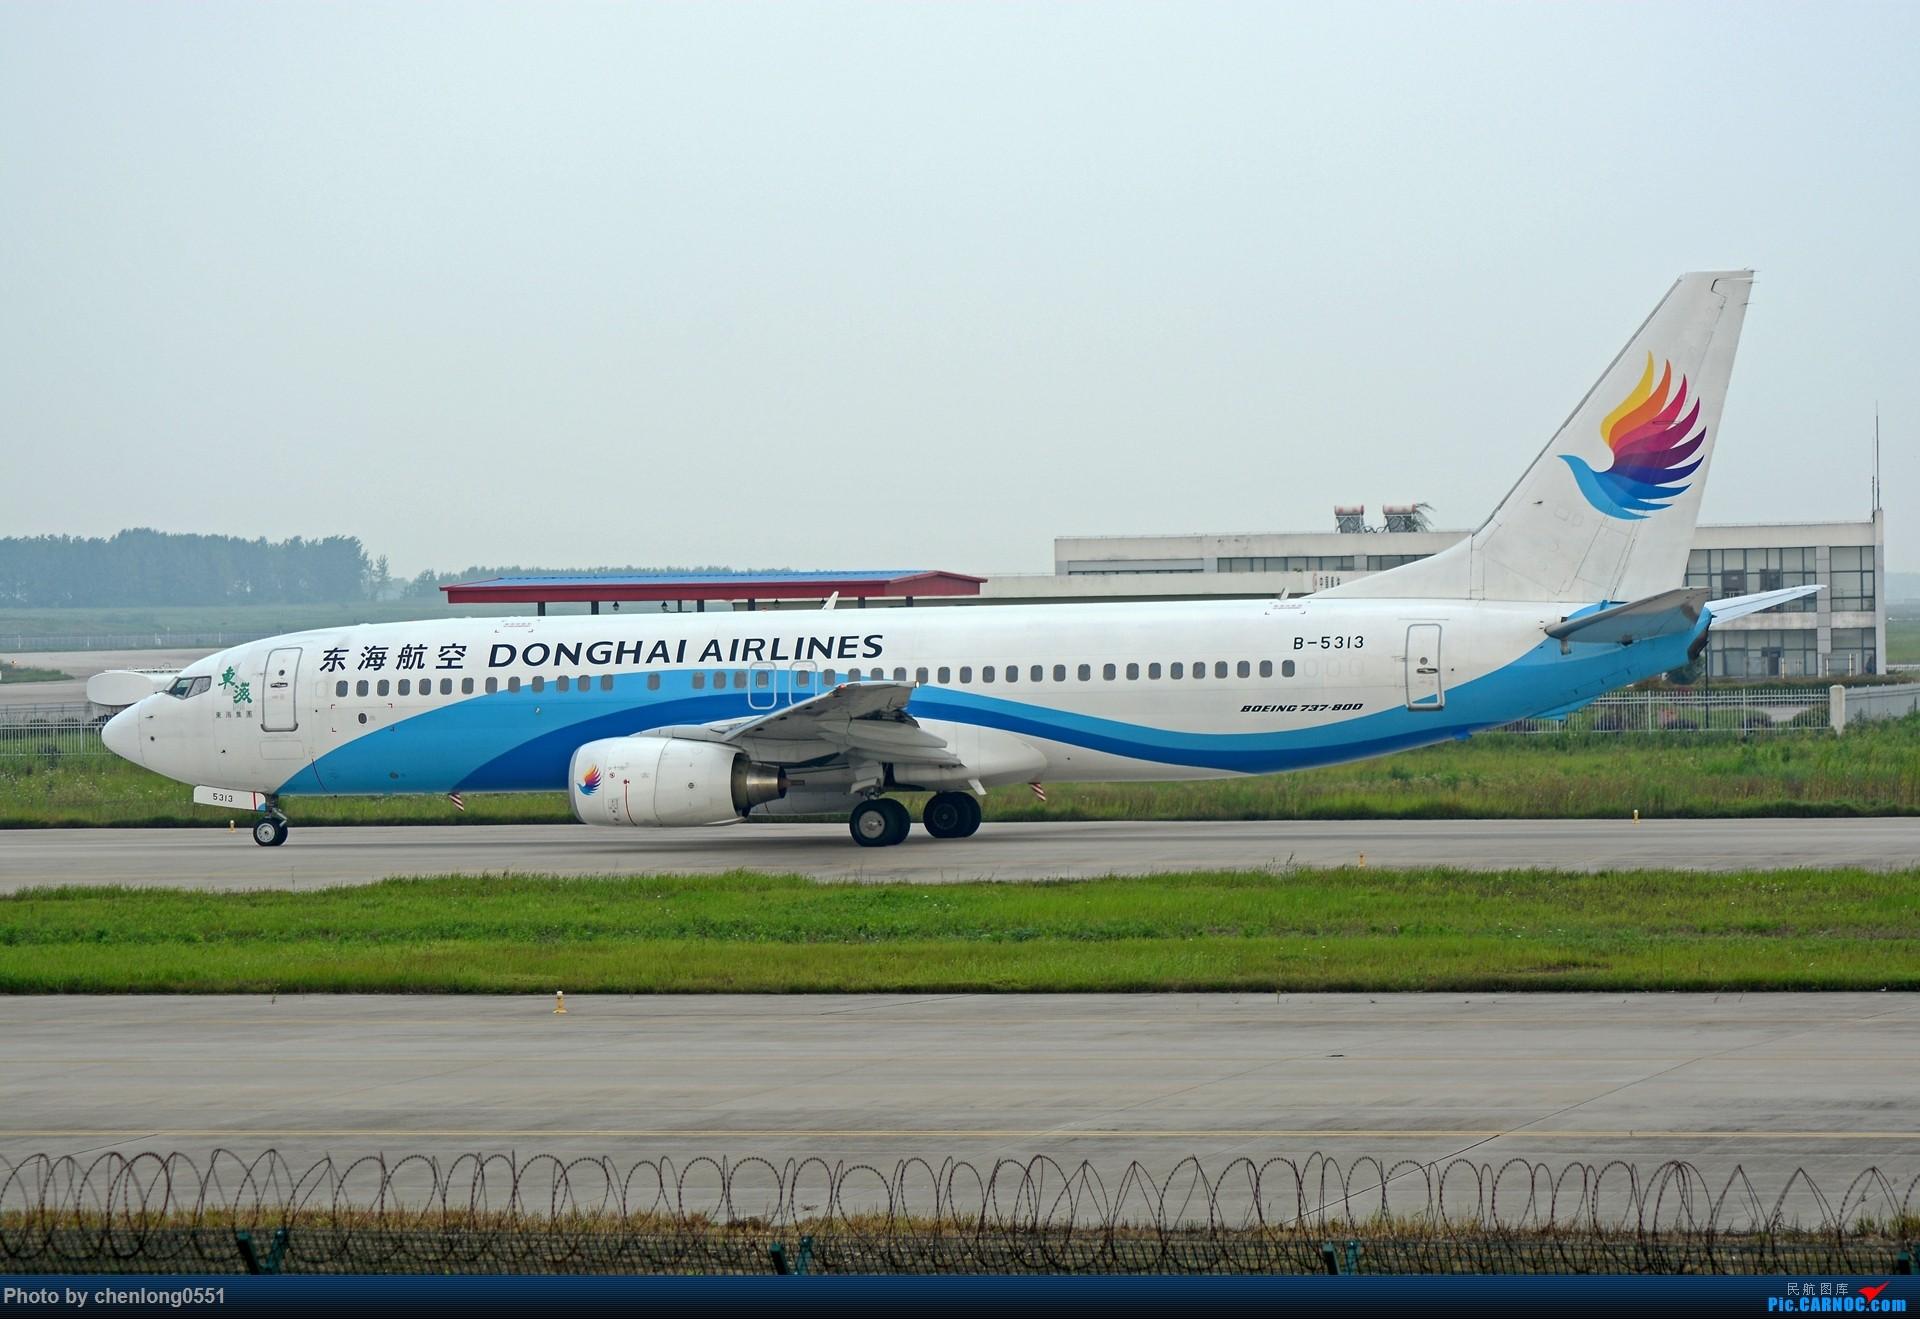 Re:[原创]【合肥飞友会】不经意的一次拍机解决了不少有无 BOEING 737-800 B-5313 中国合肥新桥国际机场